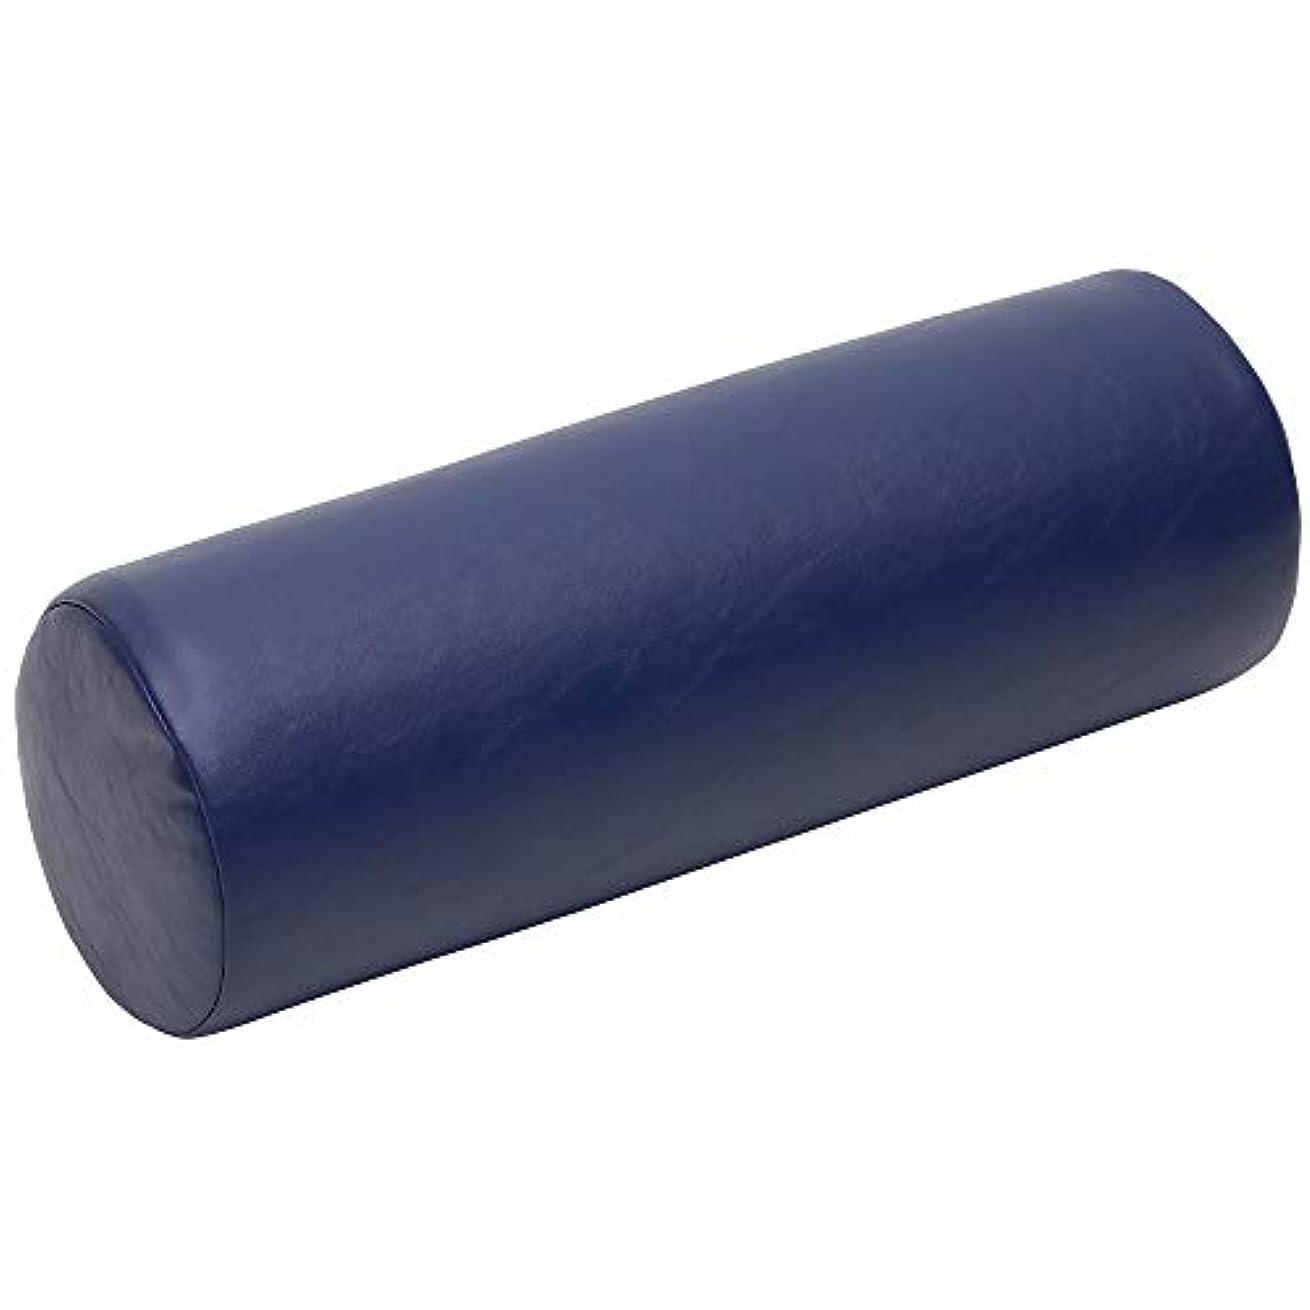 無限大混合ビデオLLOYD (ロイド) ダッチマンロール 【円柱型】 マッサージ クッション 椎間板 の 施術 足首 の支え 側臥位 の際の 枕 にも最適 (ネイビー)